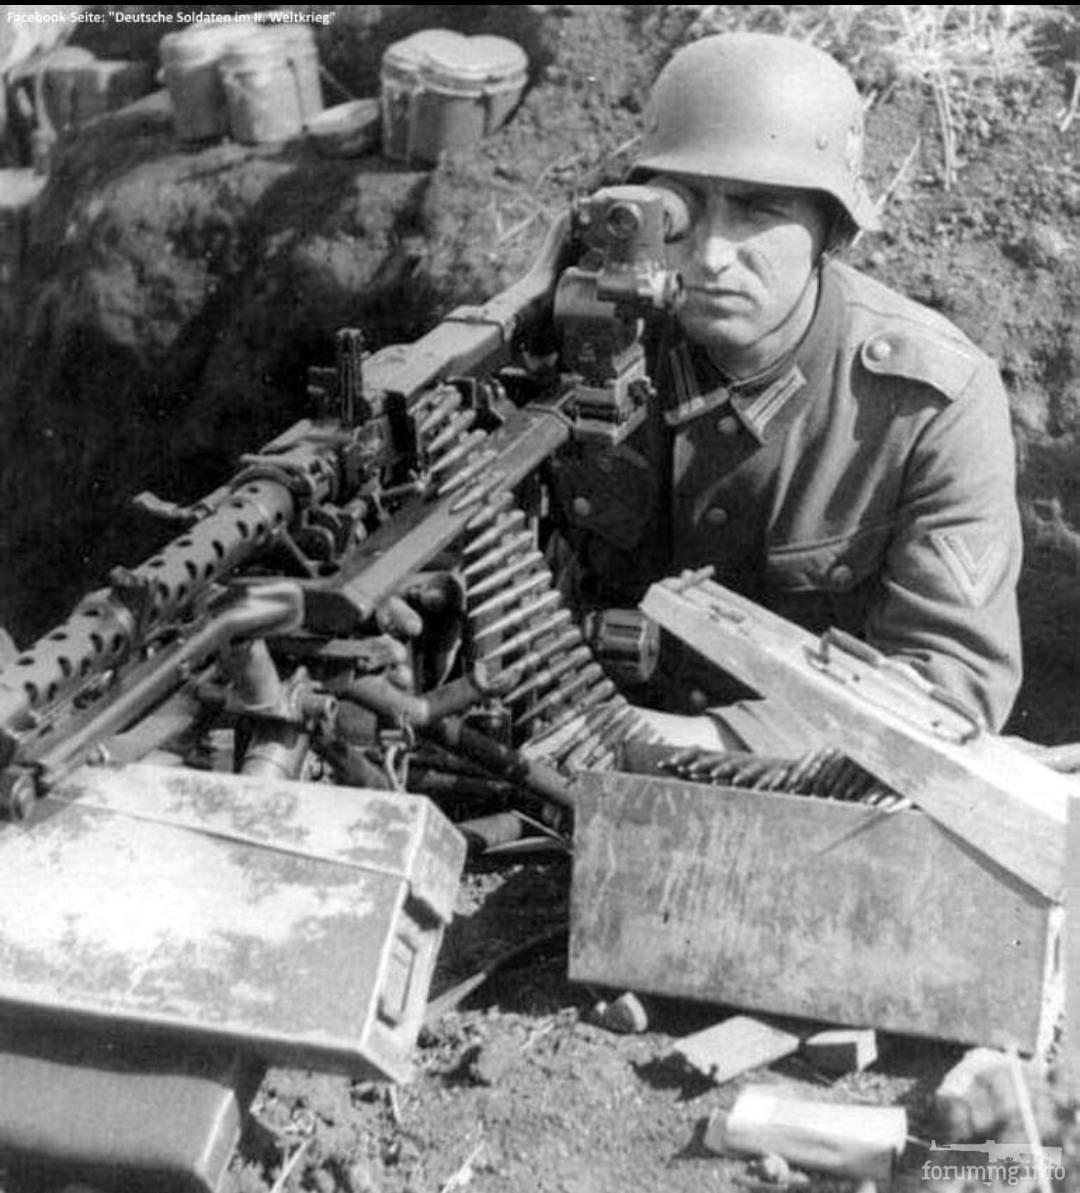 135948 - Все о пулемете MG-34 - история, модификации, клейма и т.д.